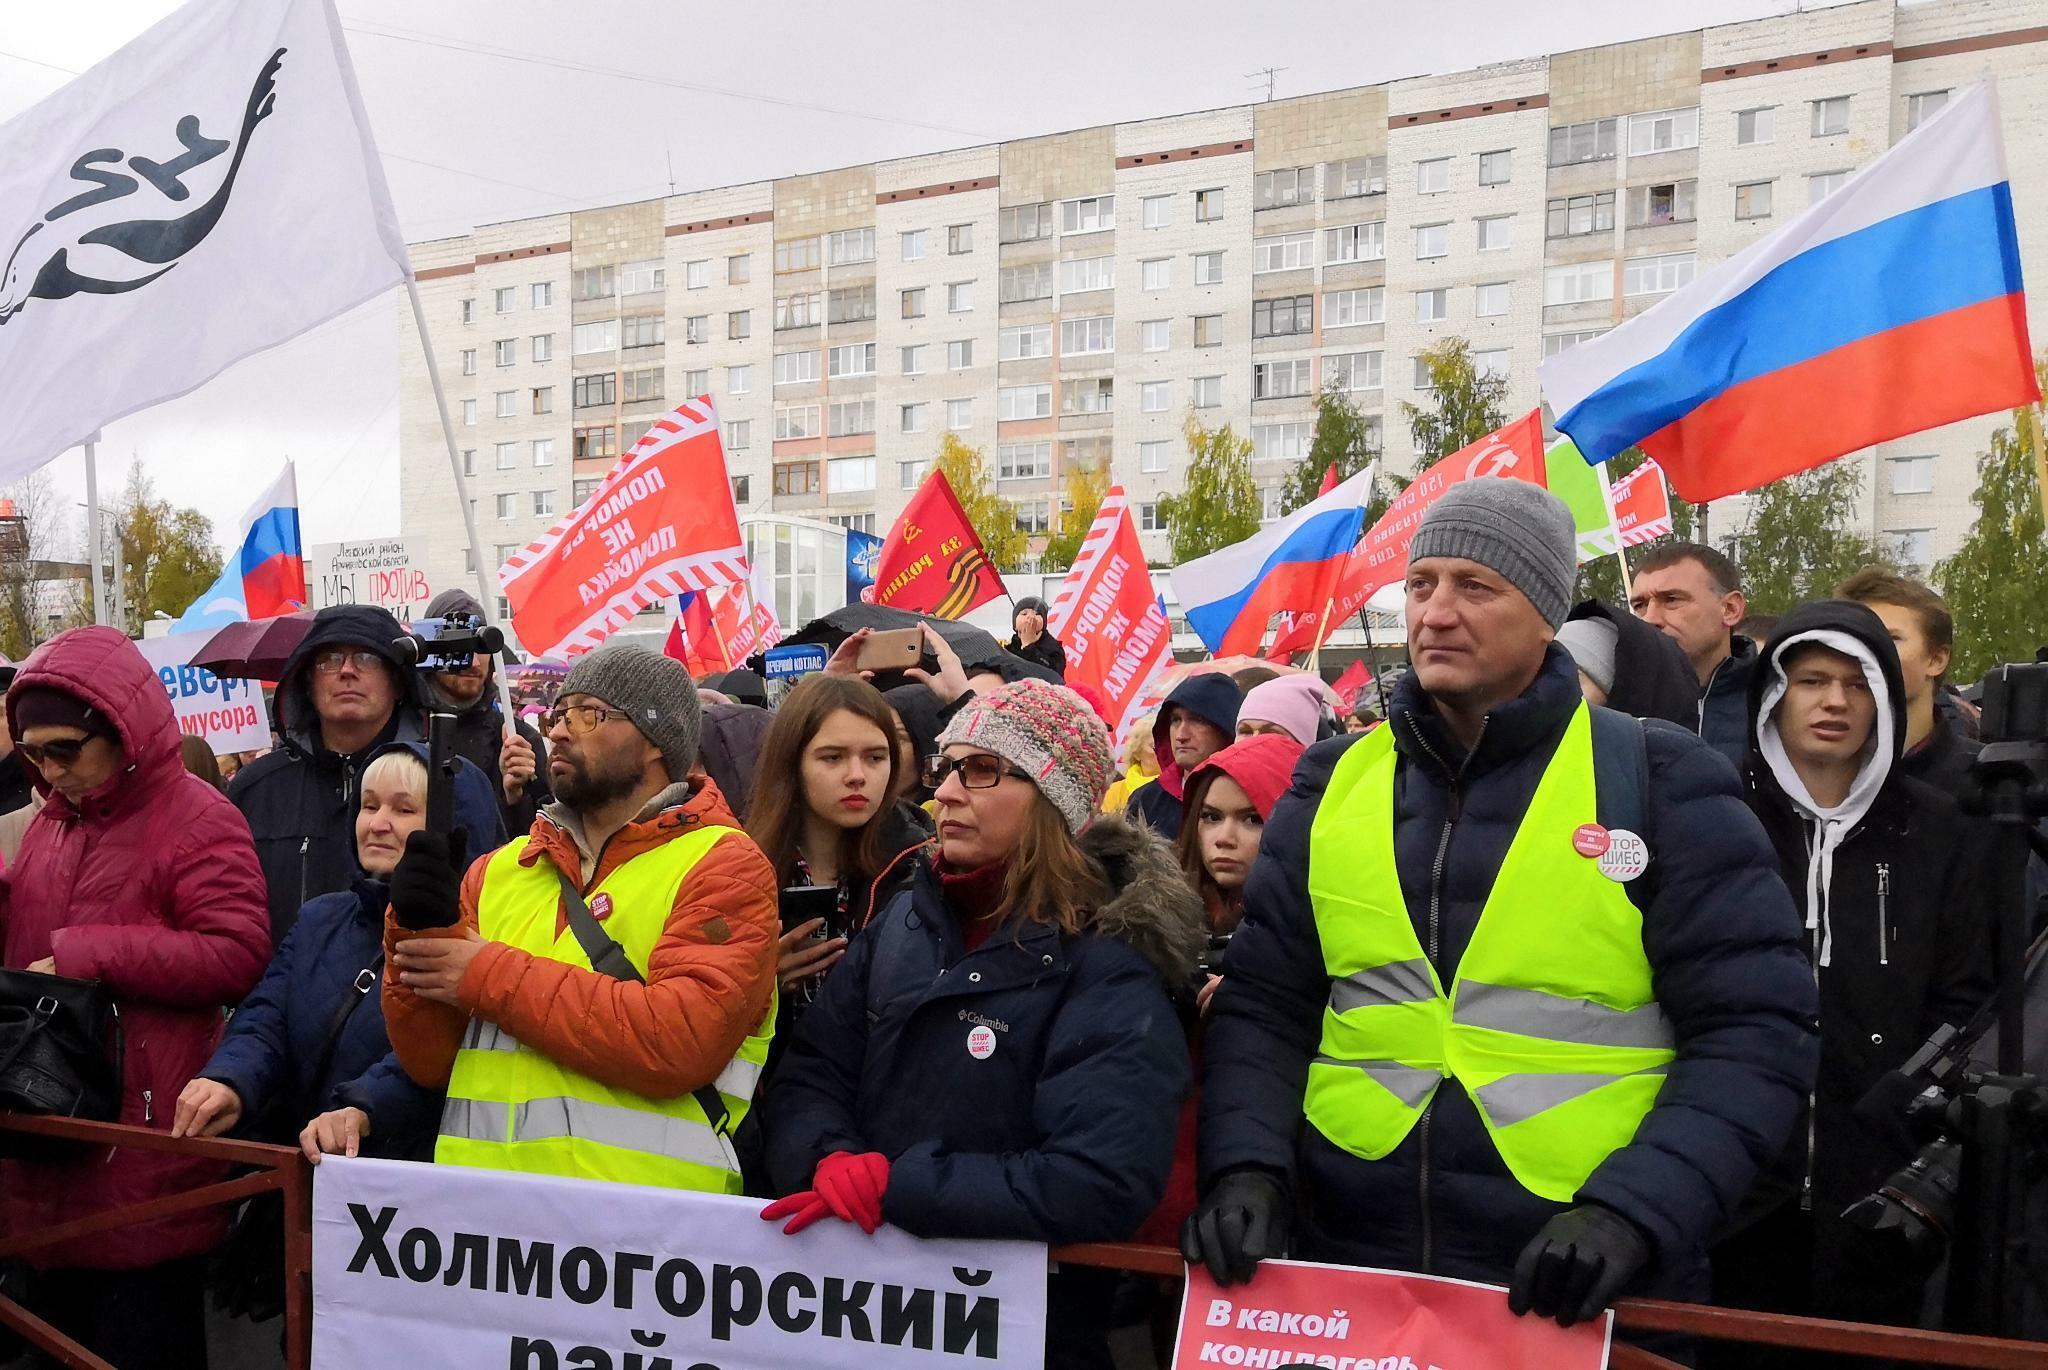 Entsorgungsproblem: Moskaus Abfallreform spaltet das Land